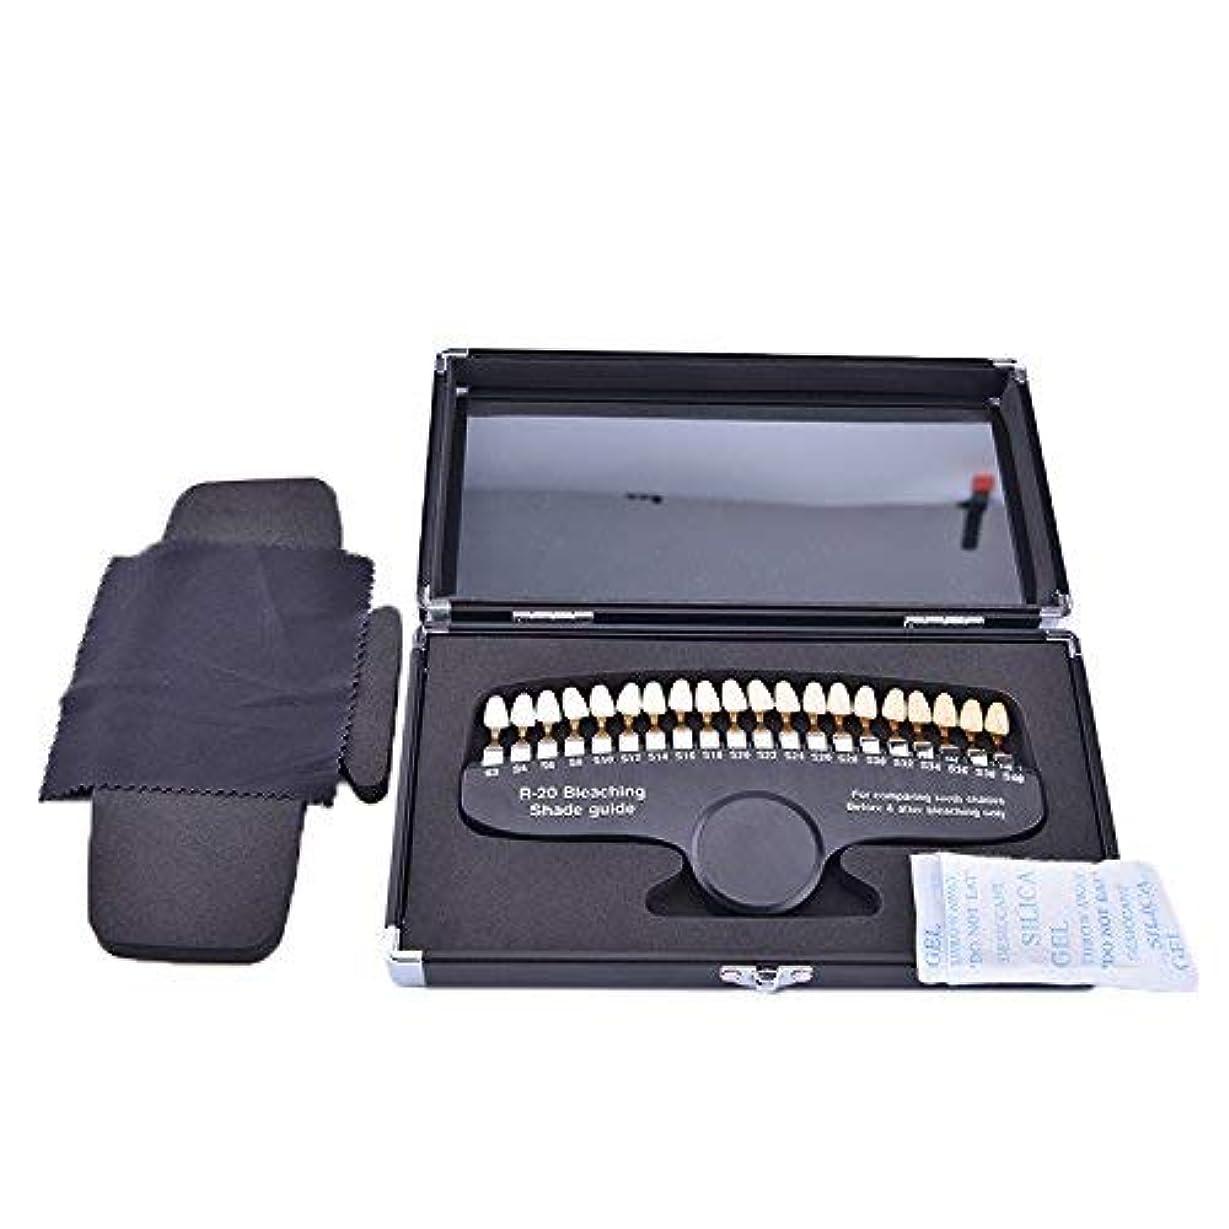 型スクラップシャットデンタル ホワイトニング シェード ガイドー 20色デンタル専用抜ける歯列模型ボード 鏡付き